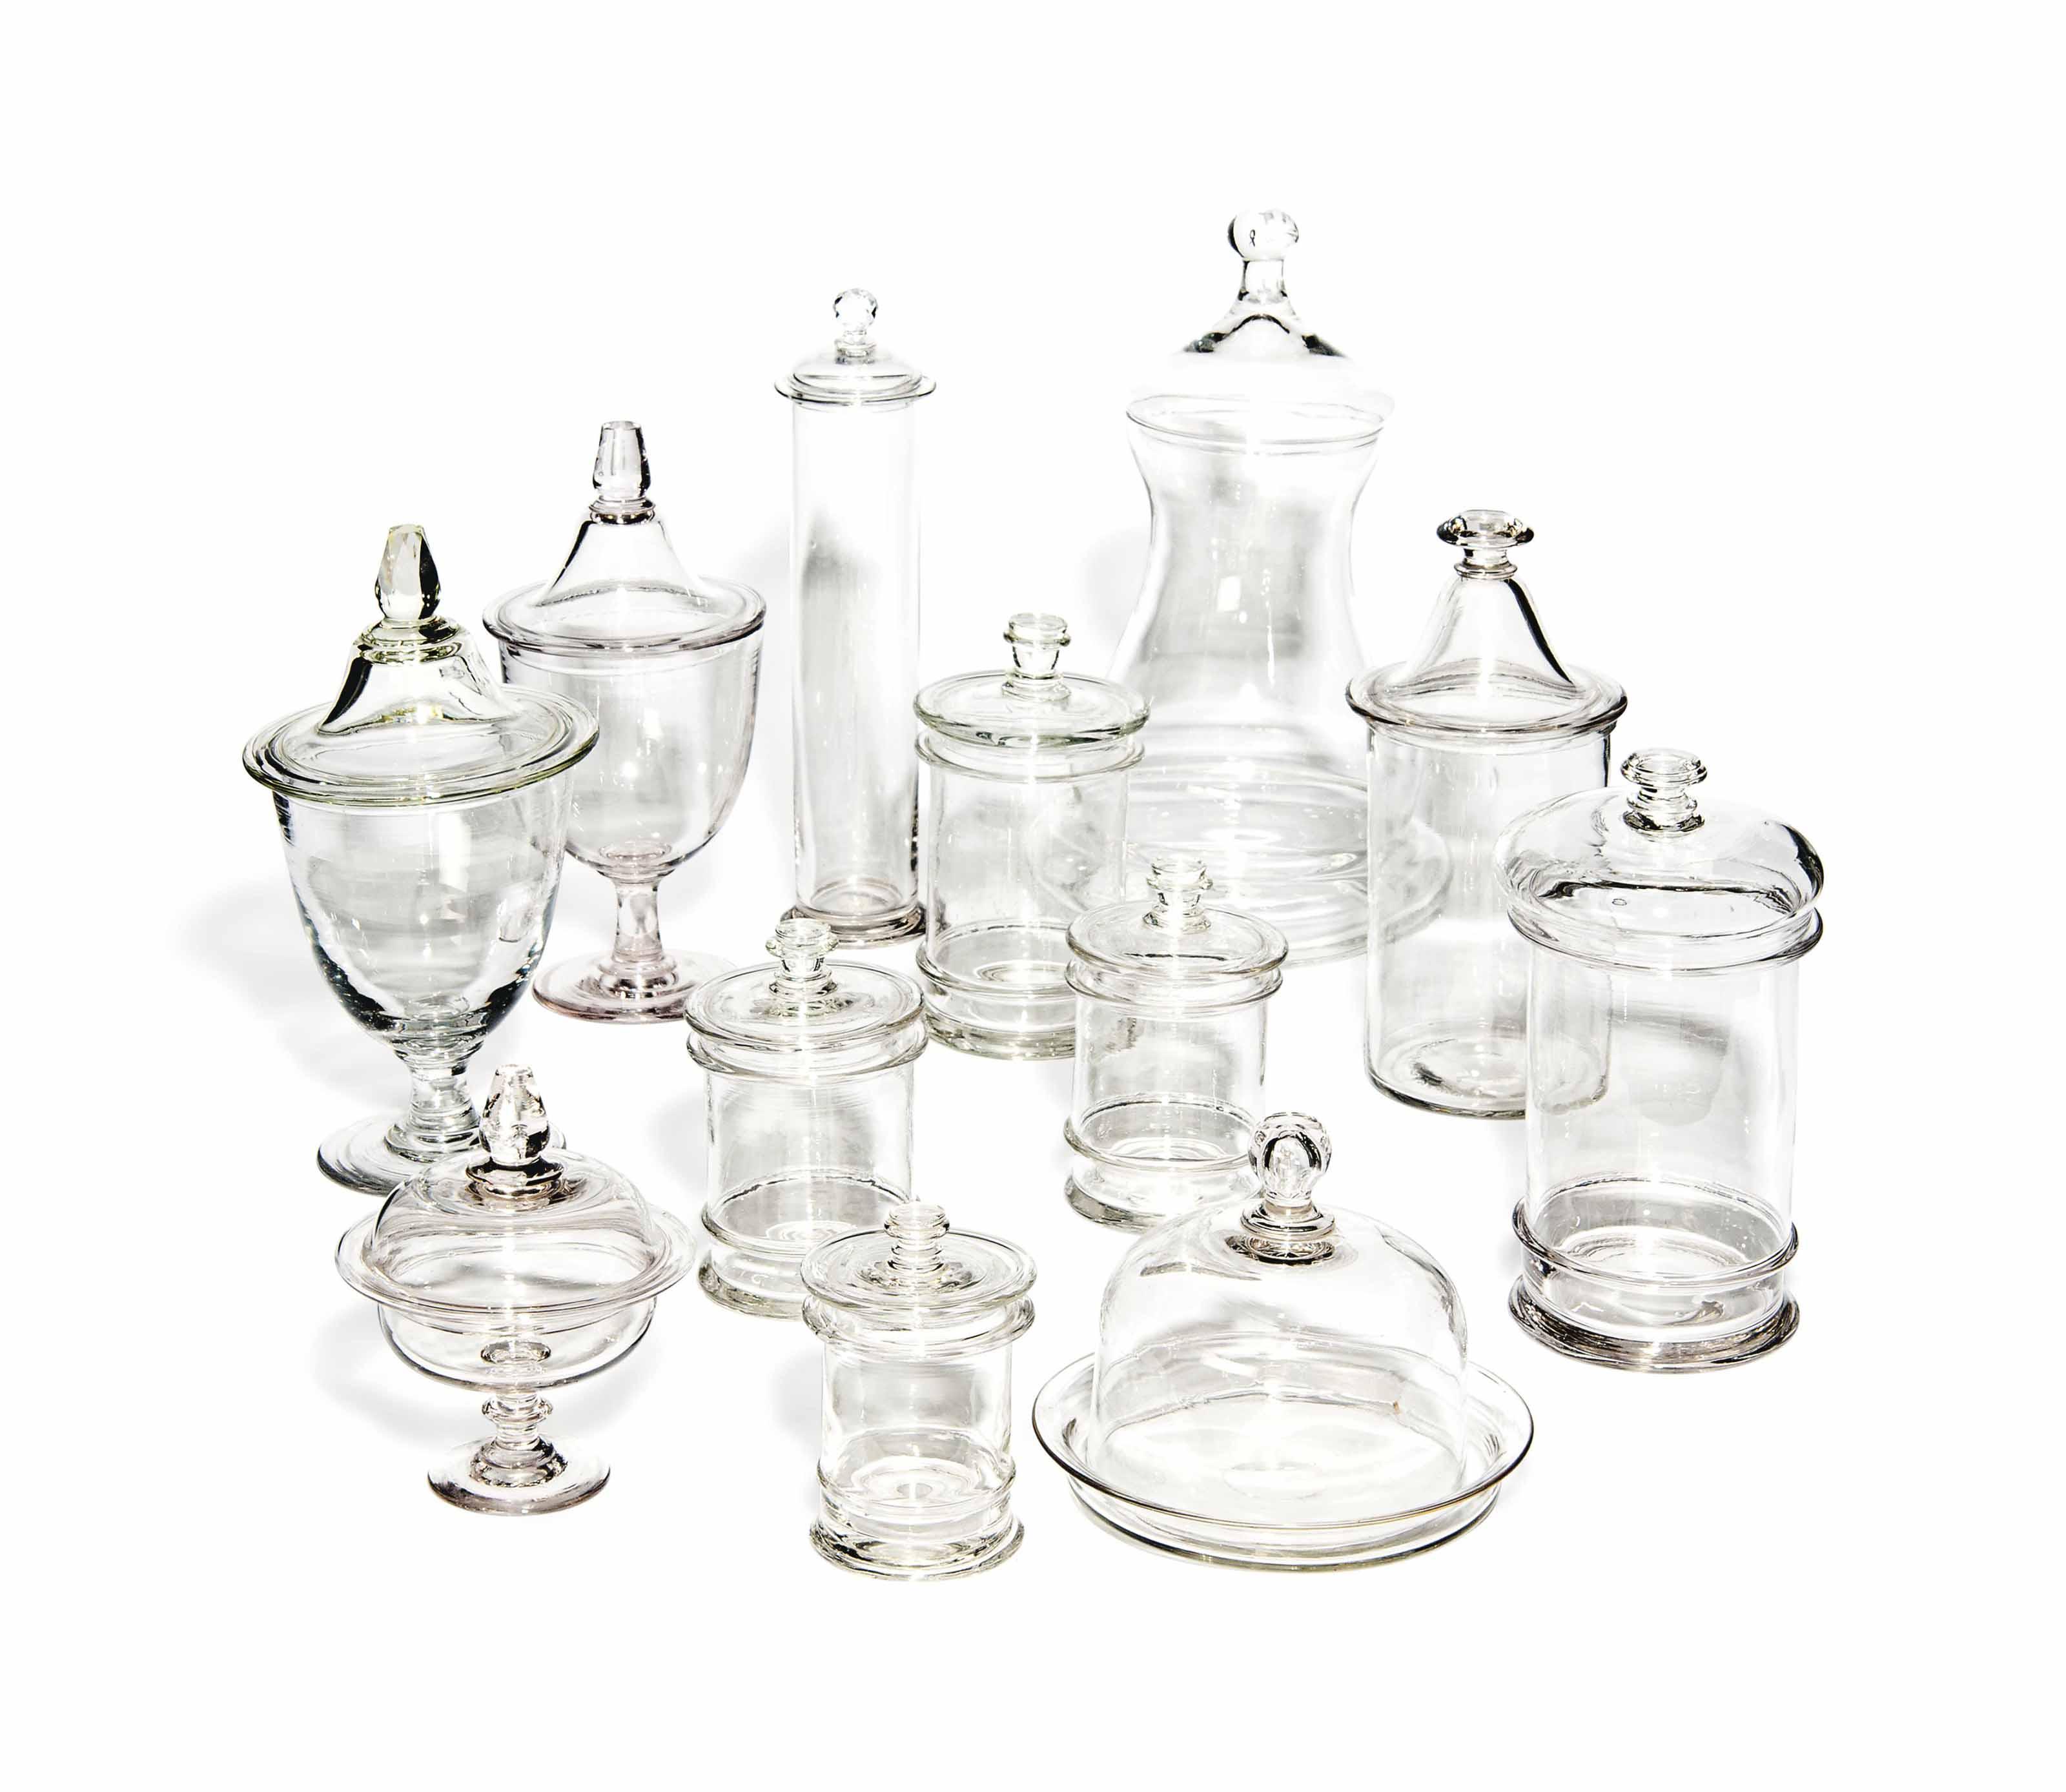 TWELVE GLASS STORAGE JARS AND